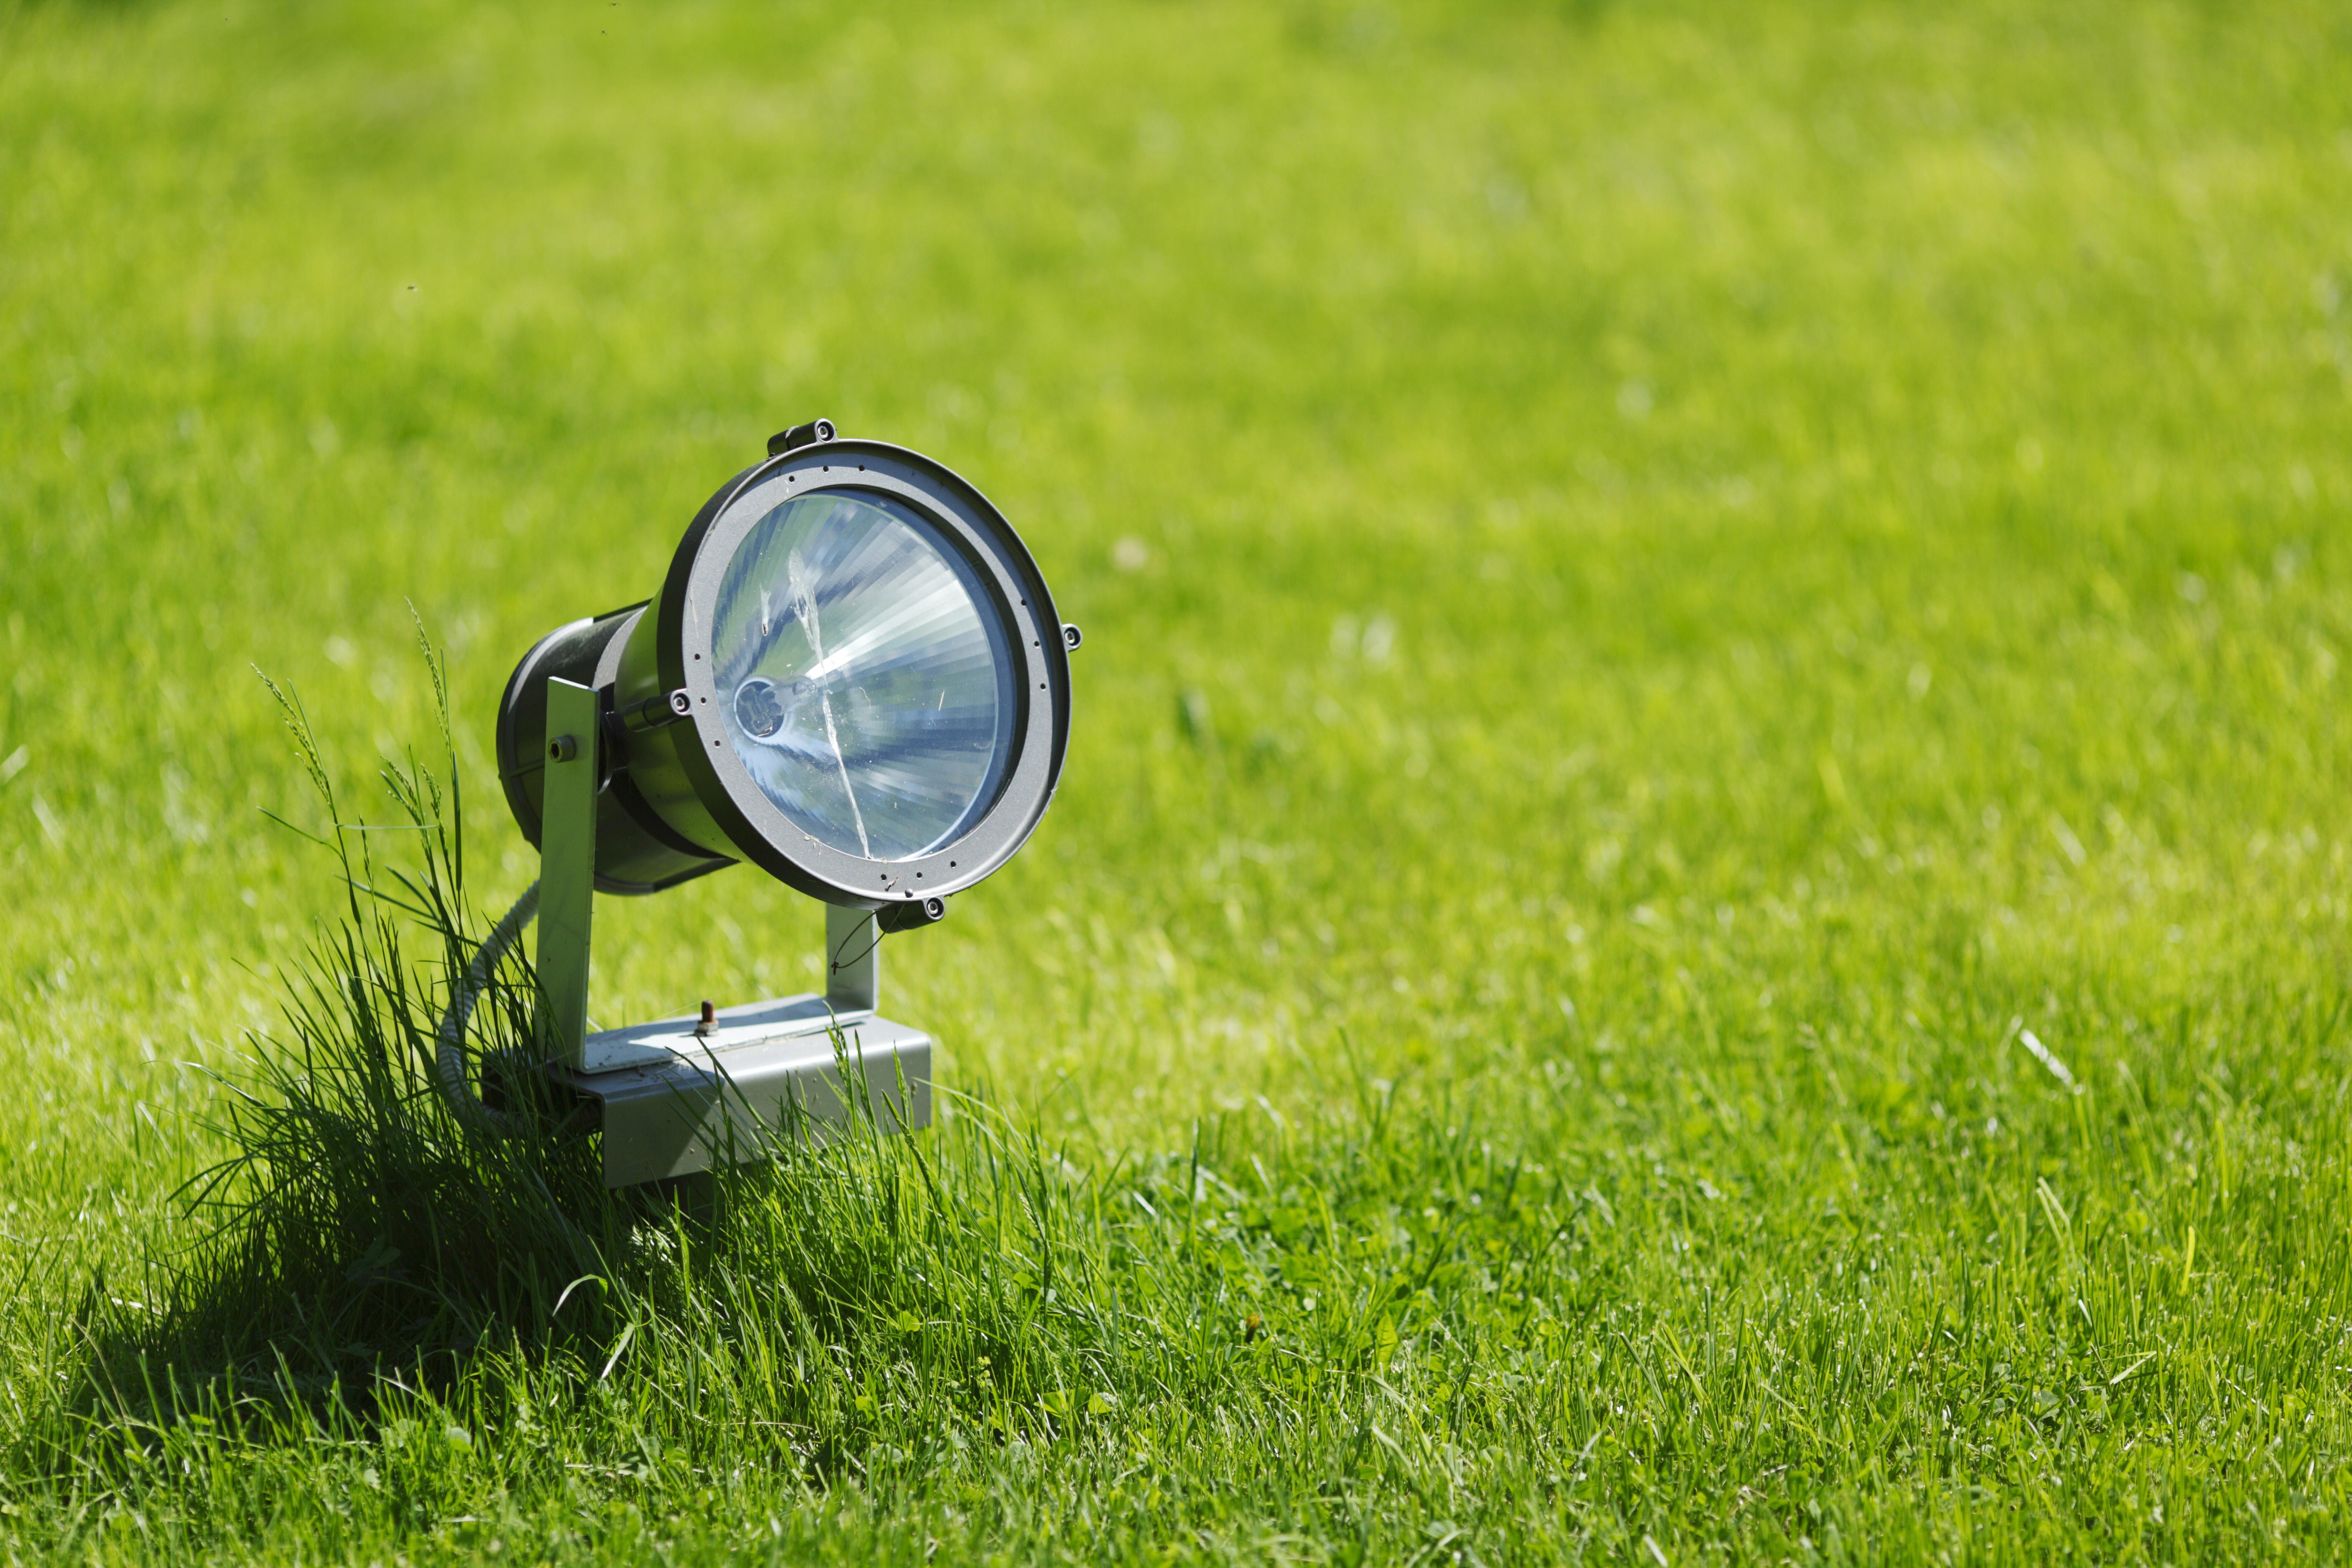 Tuinverlichting aansluiten : Tips over Buitenverlichting